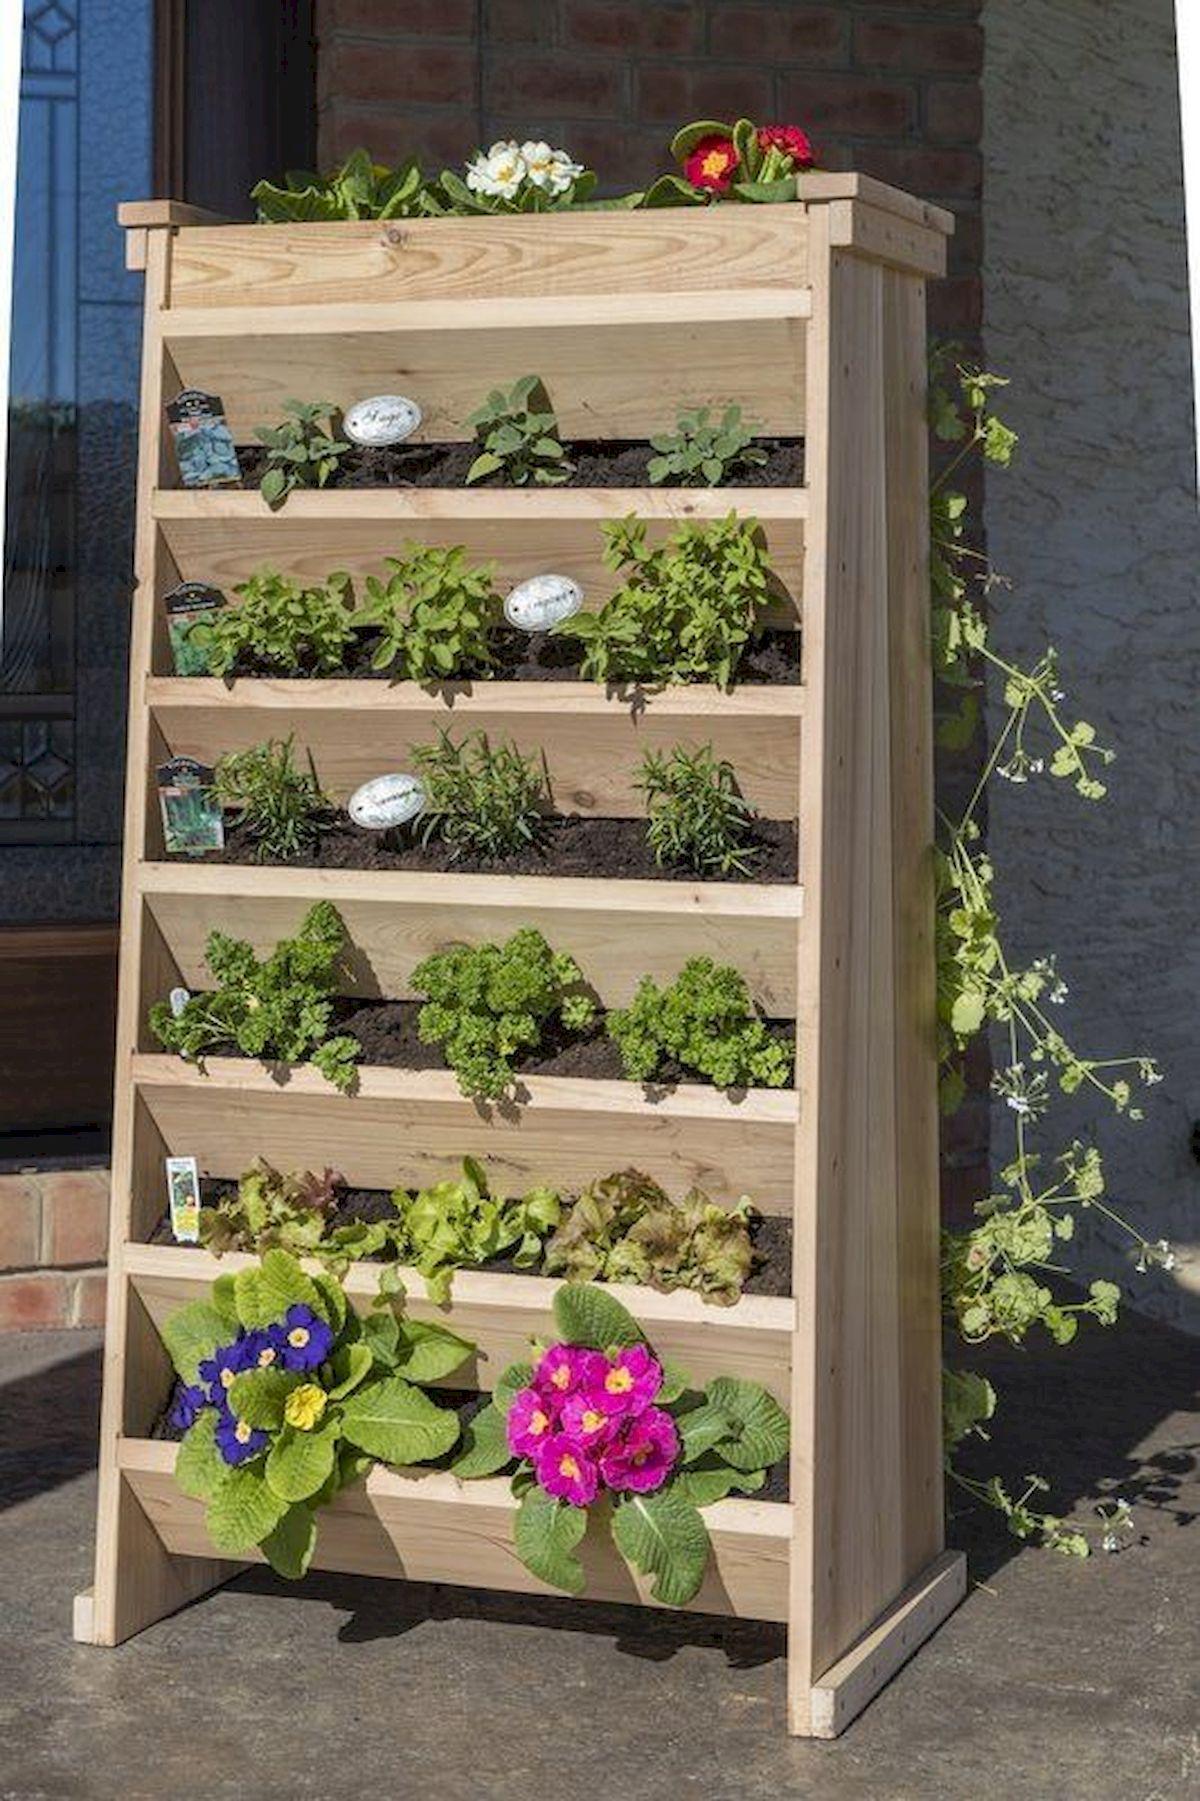 44 Creative DIY Vertical Garden Ideas To Make Your Home Beautiful (32)